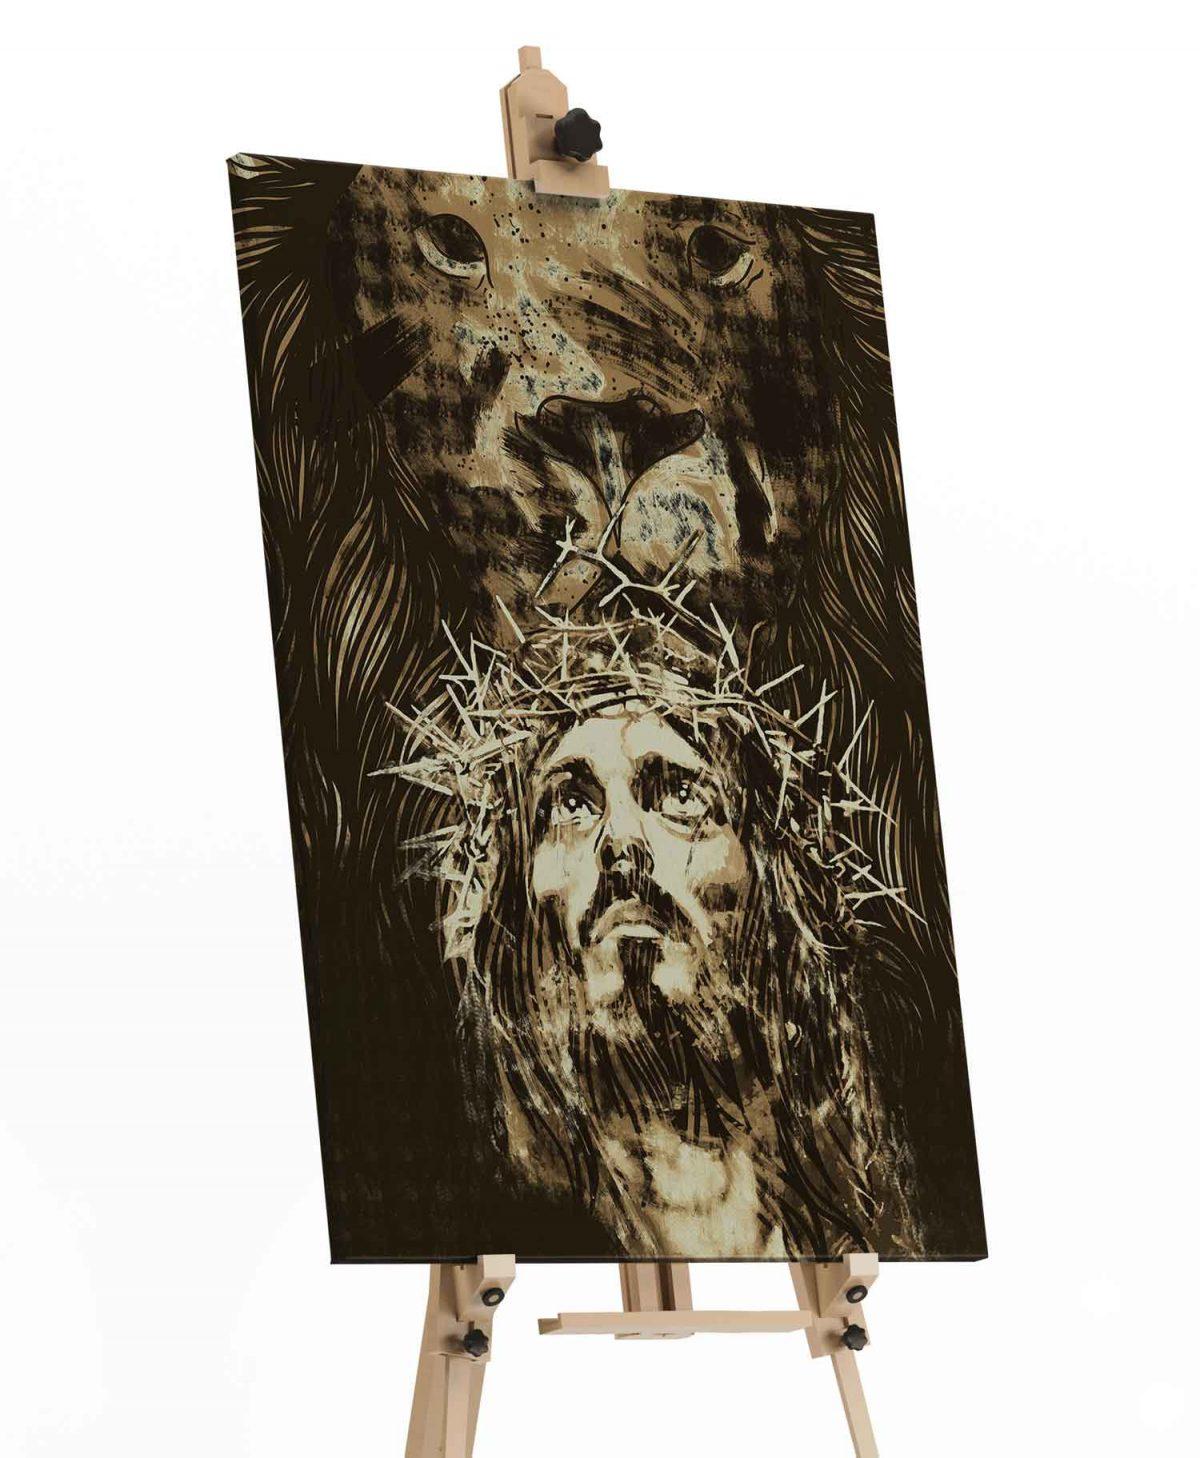 Quadro O Leão da Tribo de Judá – Jesus em tela em detalhe